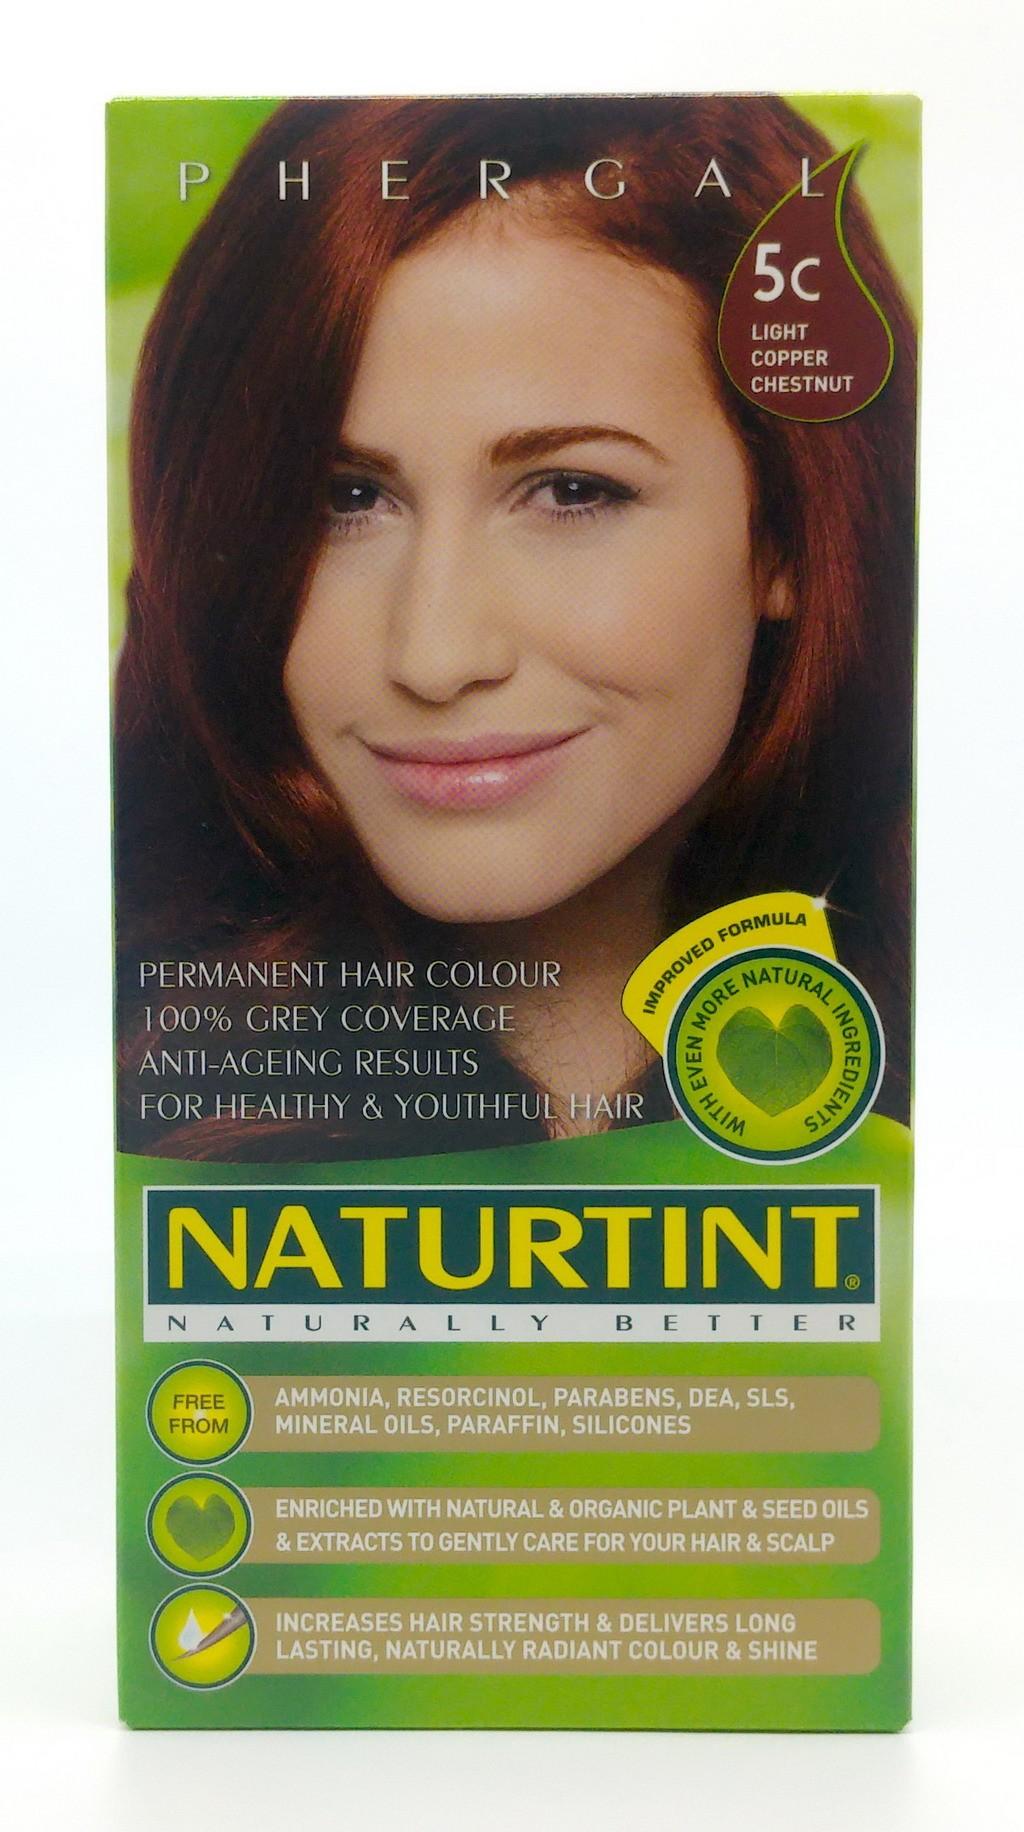 NATURTINT, 天然草本染髮劑-炫棕銅色 5C